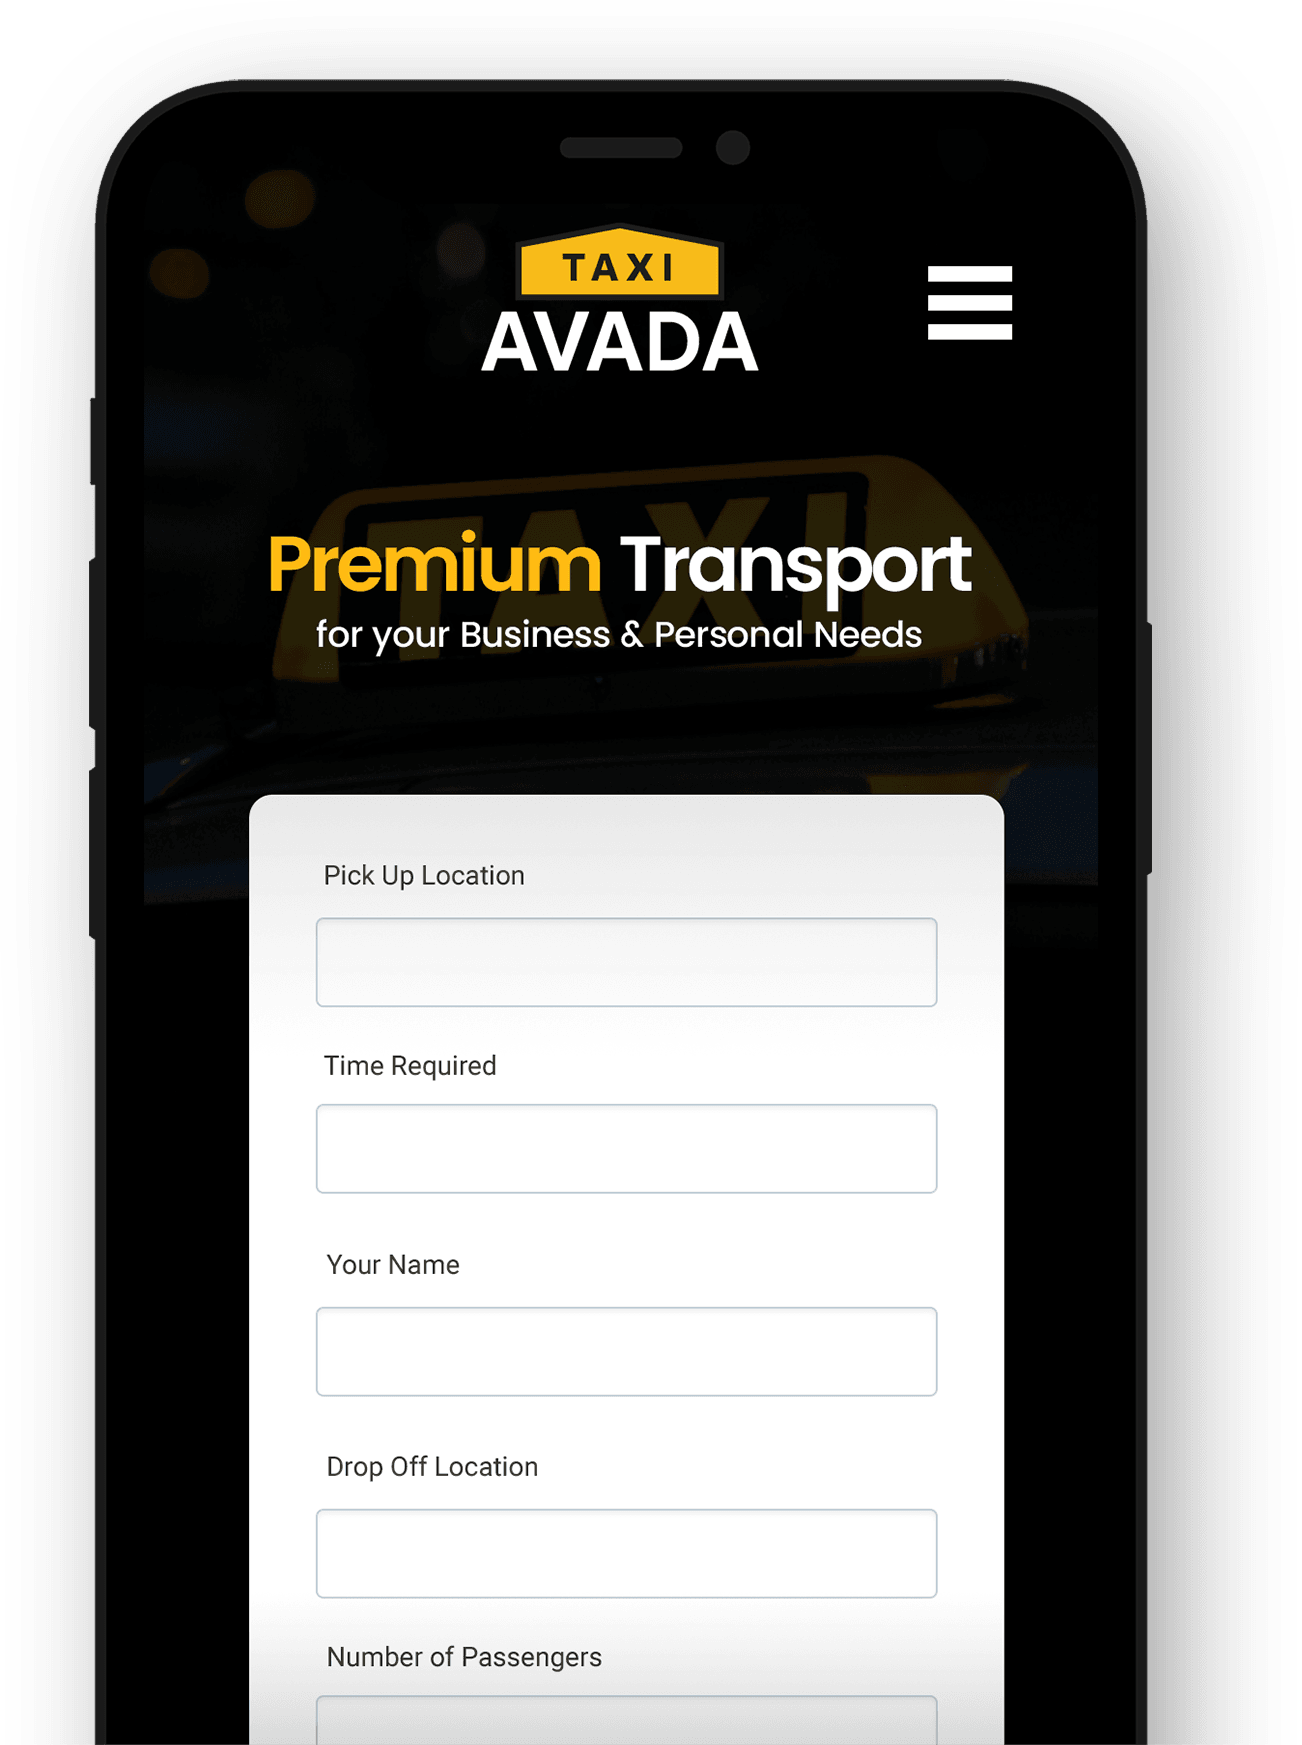 avada-taxi-app